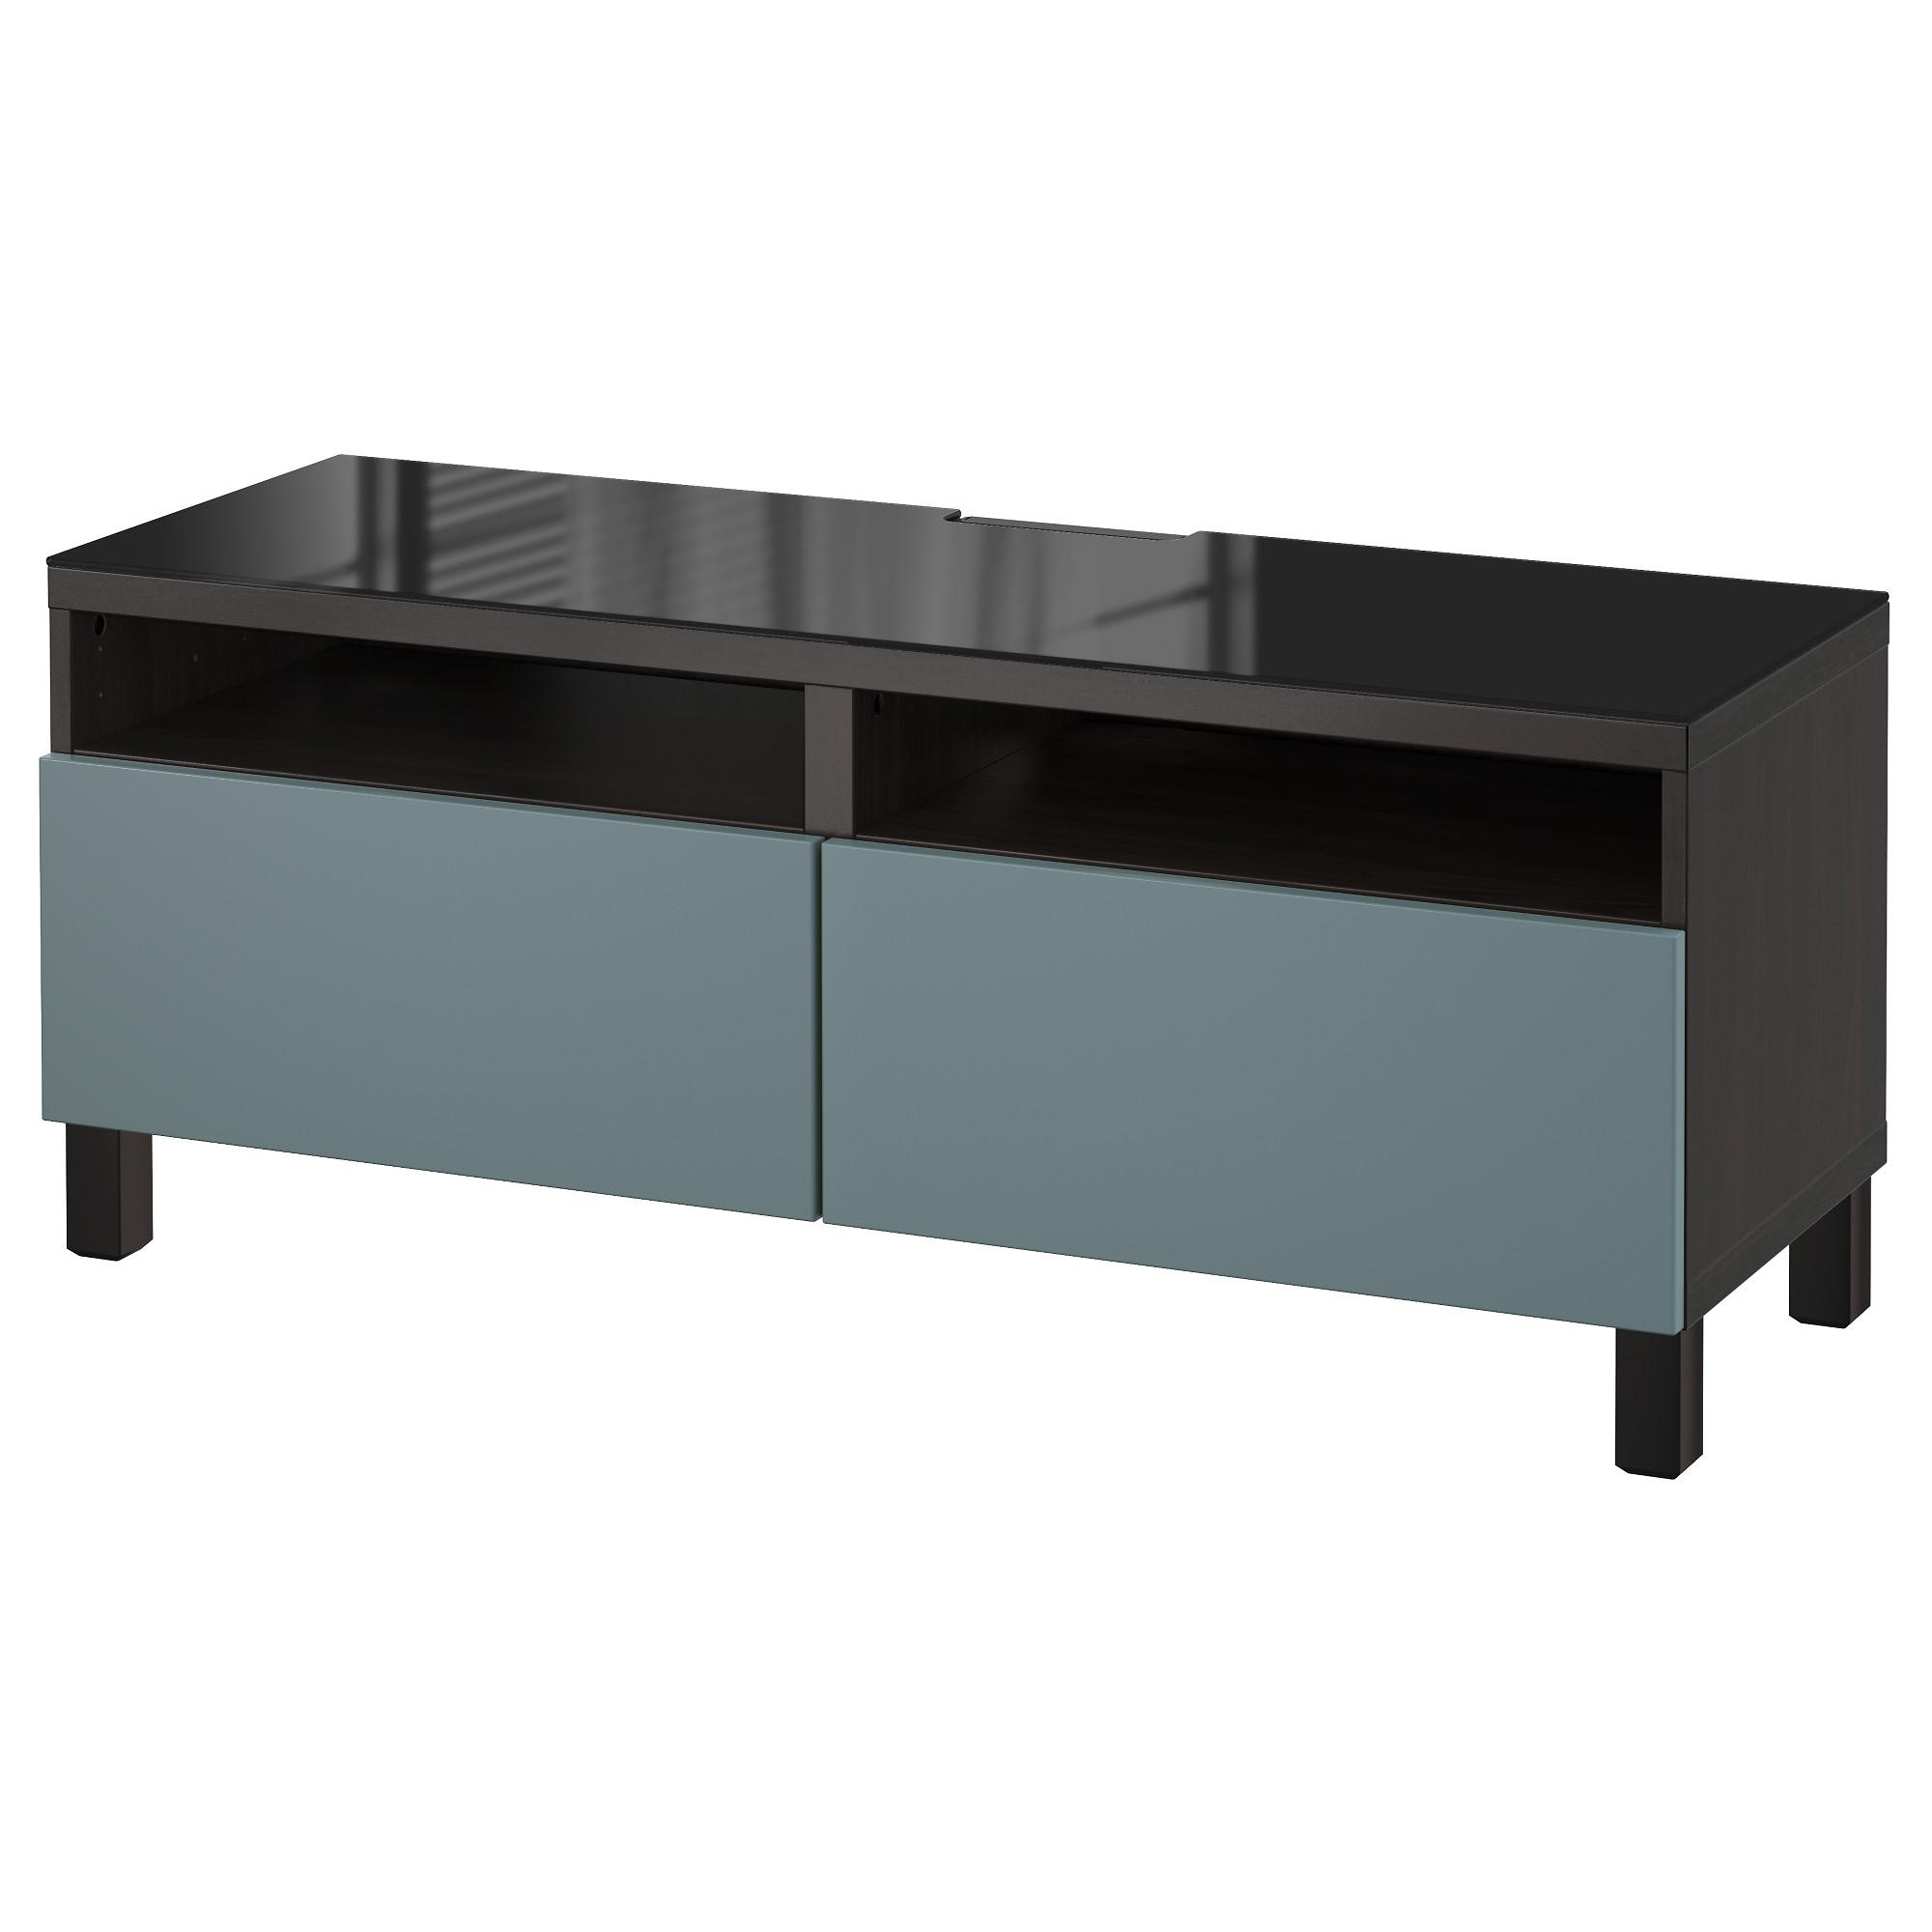 Тумба для ТВ с ящиками БЕСТО артикуль № 892.448.82 в наличии. Онлайн каталог IKEA РБ. Недорогая доставка и соборка.